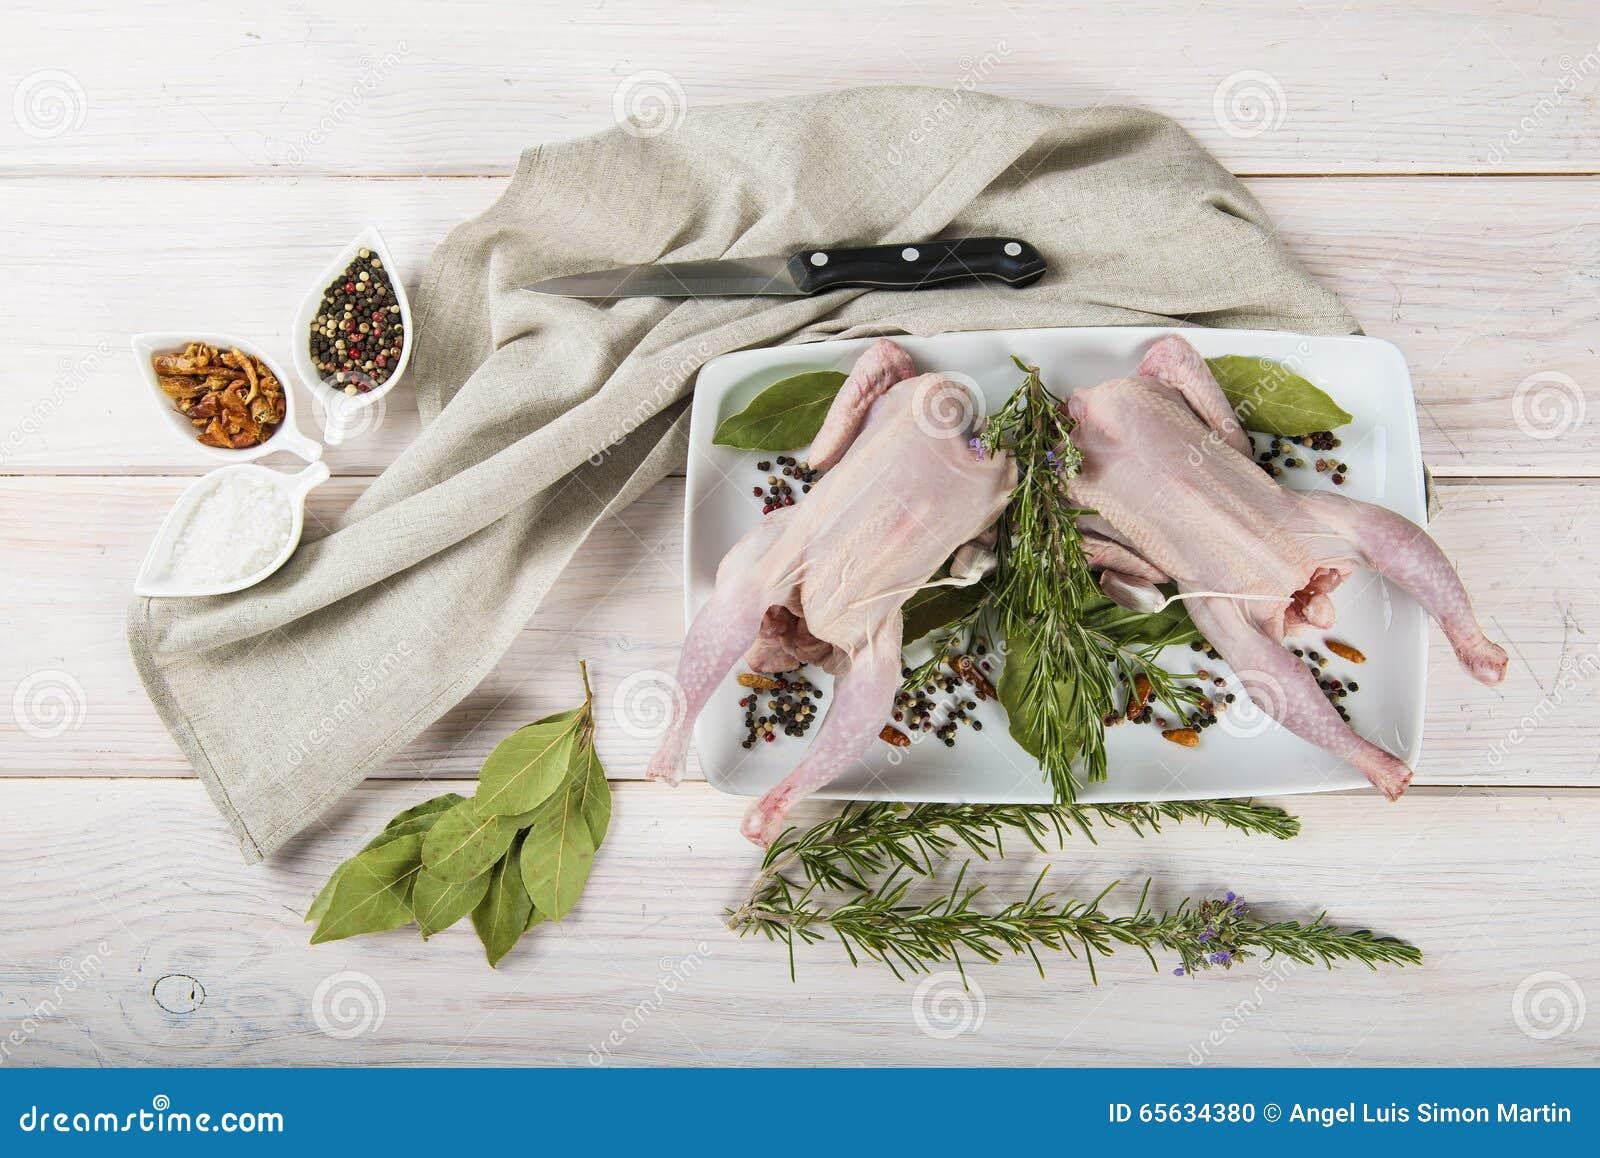 Poussin cru avec des herbes et des épices